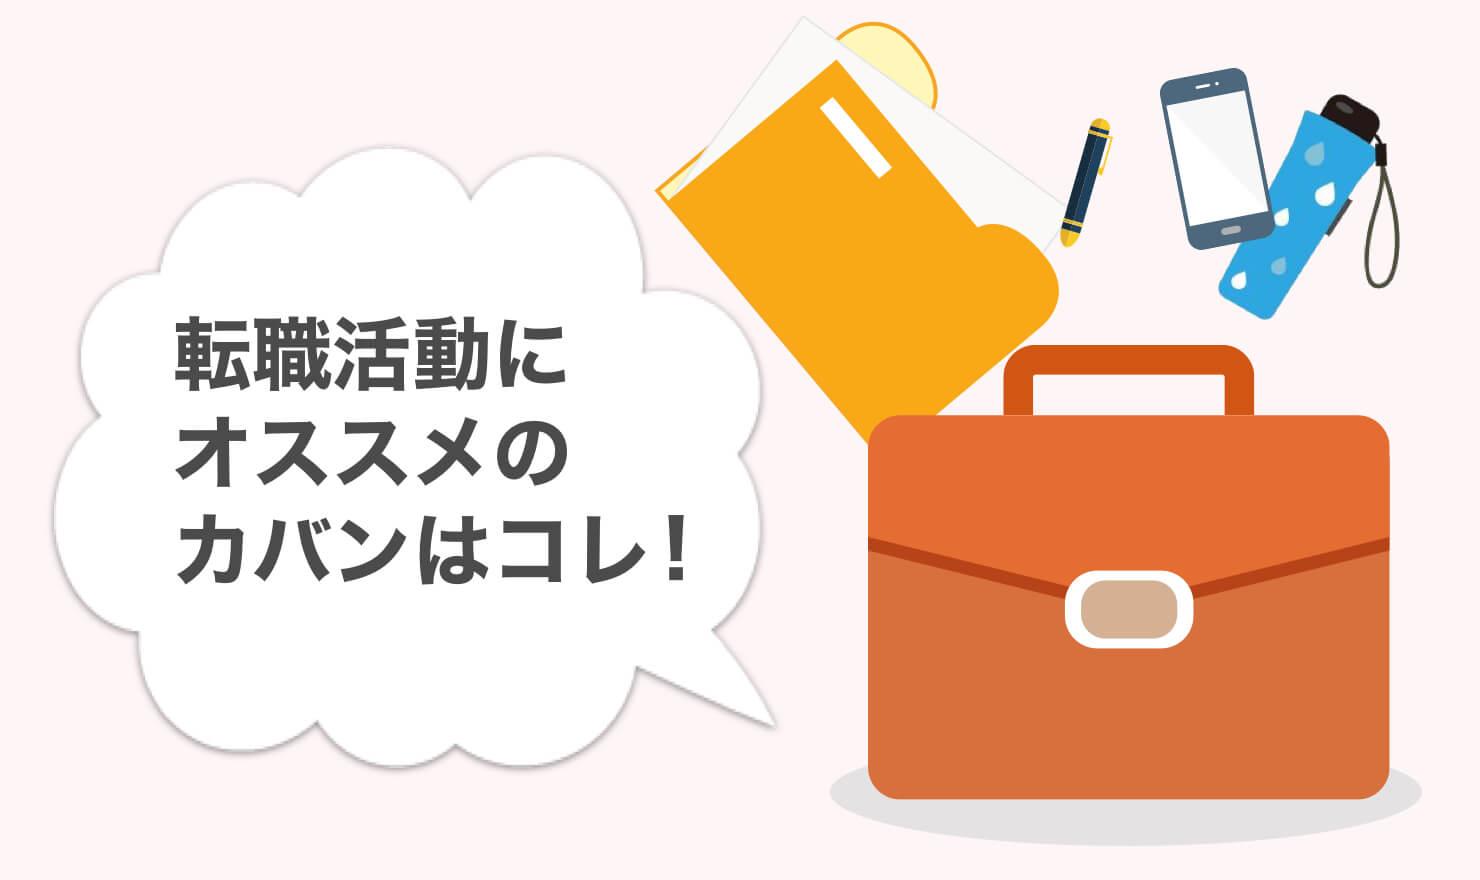 【ピッタリを見つける!】面接用カバンの選び方とスマートな扱い方